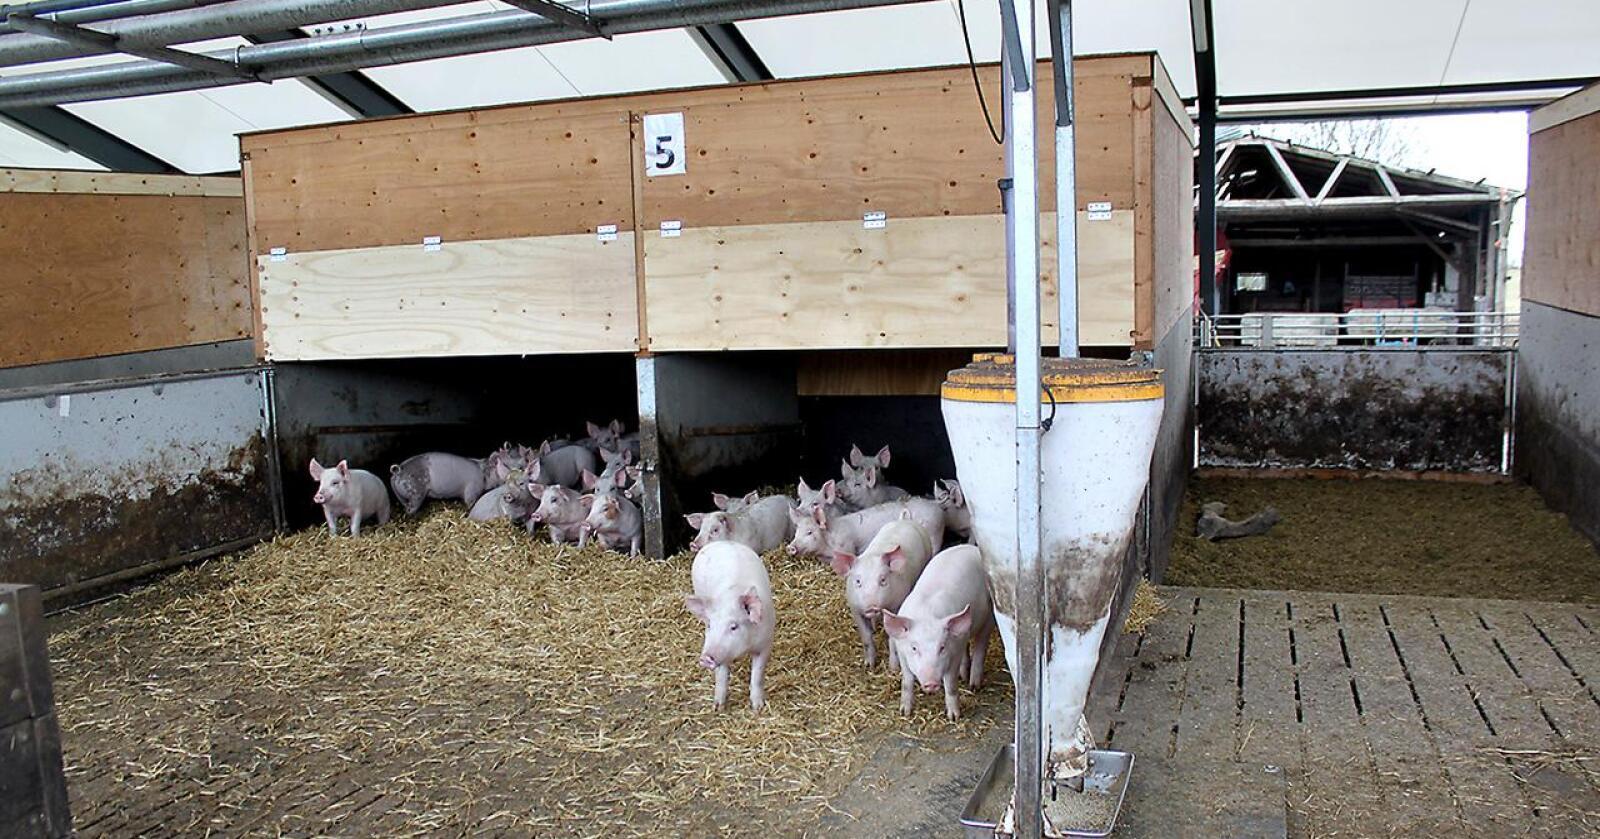 Den siste grisegården med smitte ligger tett på den ene gården som ble konstatert smittet torsdag sist uke. (Illustrasjonsfoto: Norsk Landbruk)